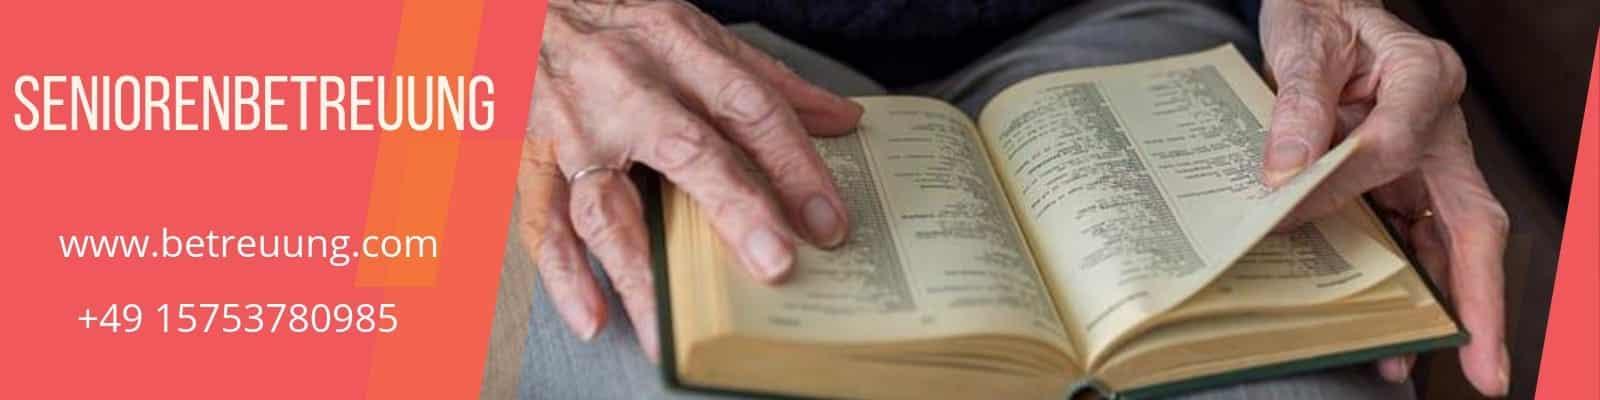 Seniorenbetreuung für Demenzkranke